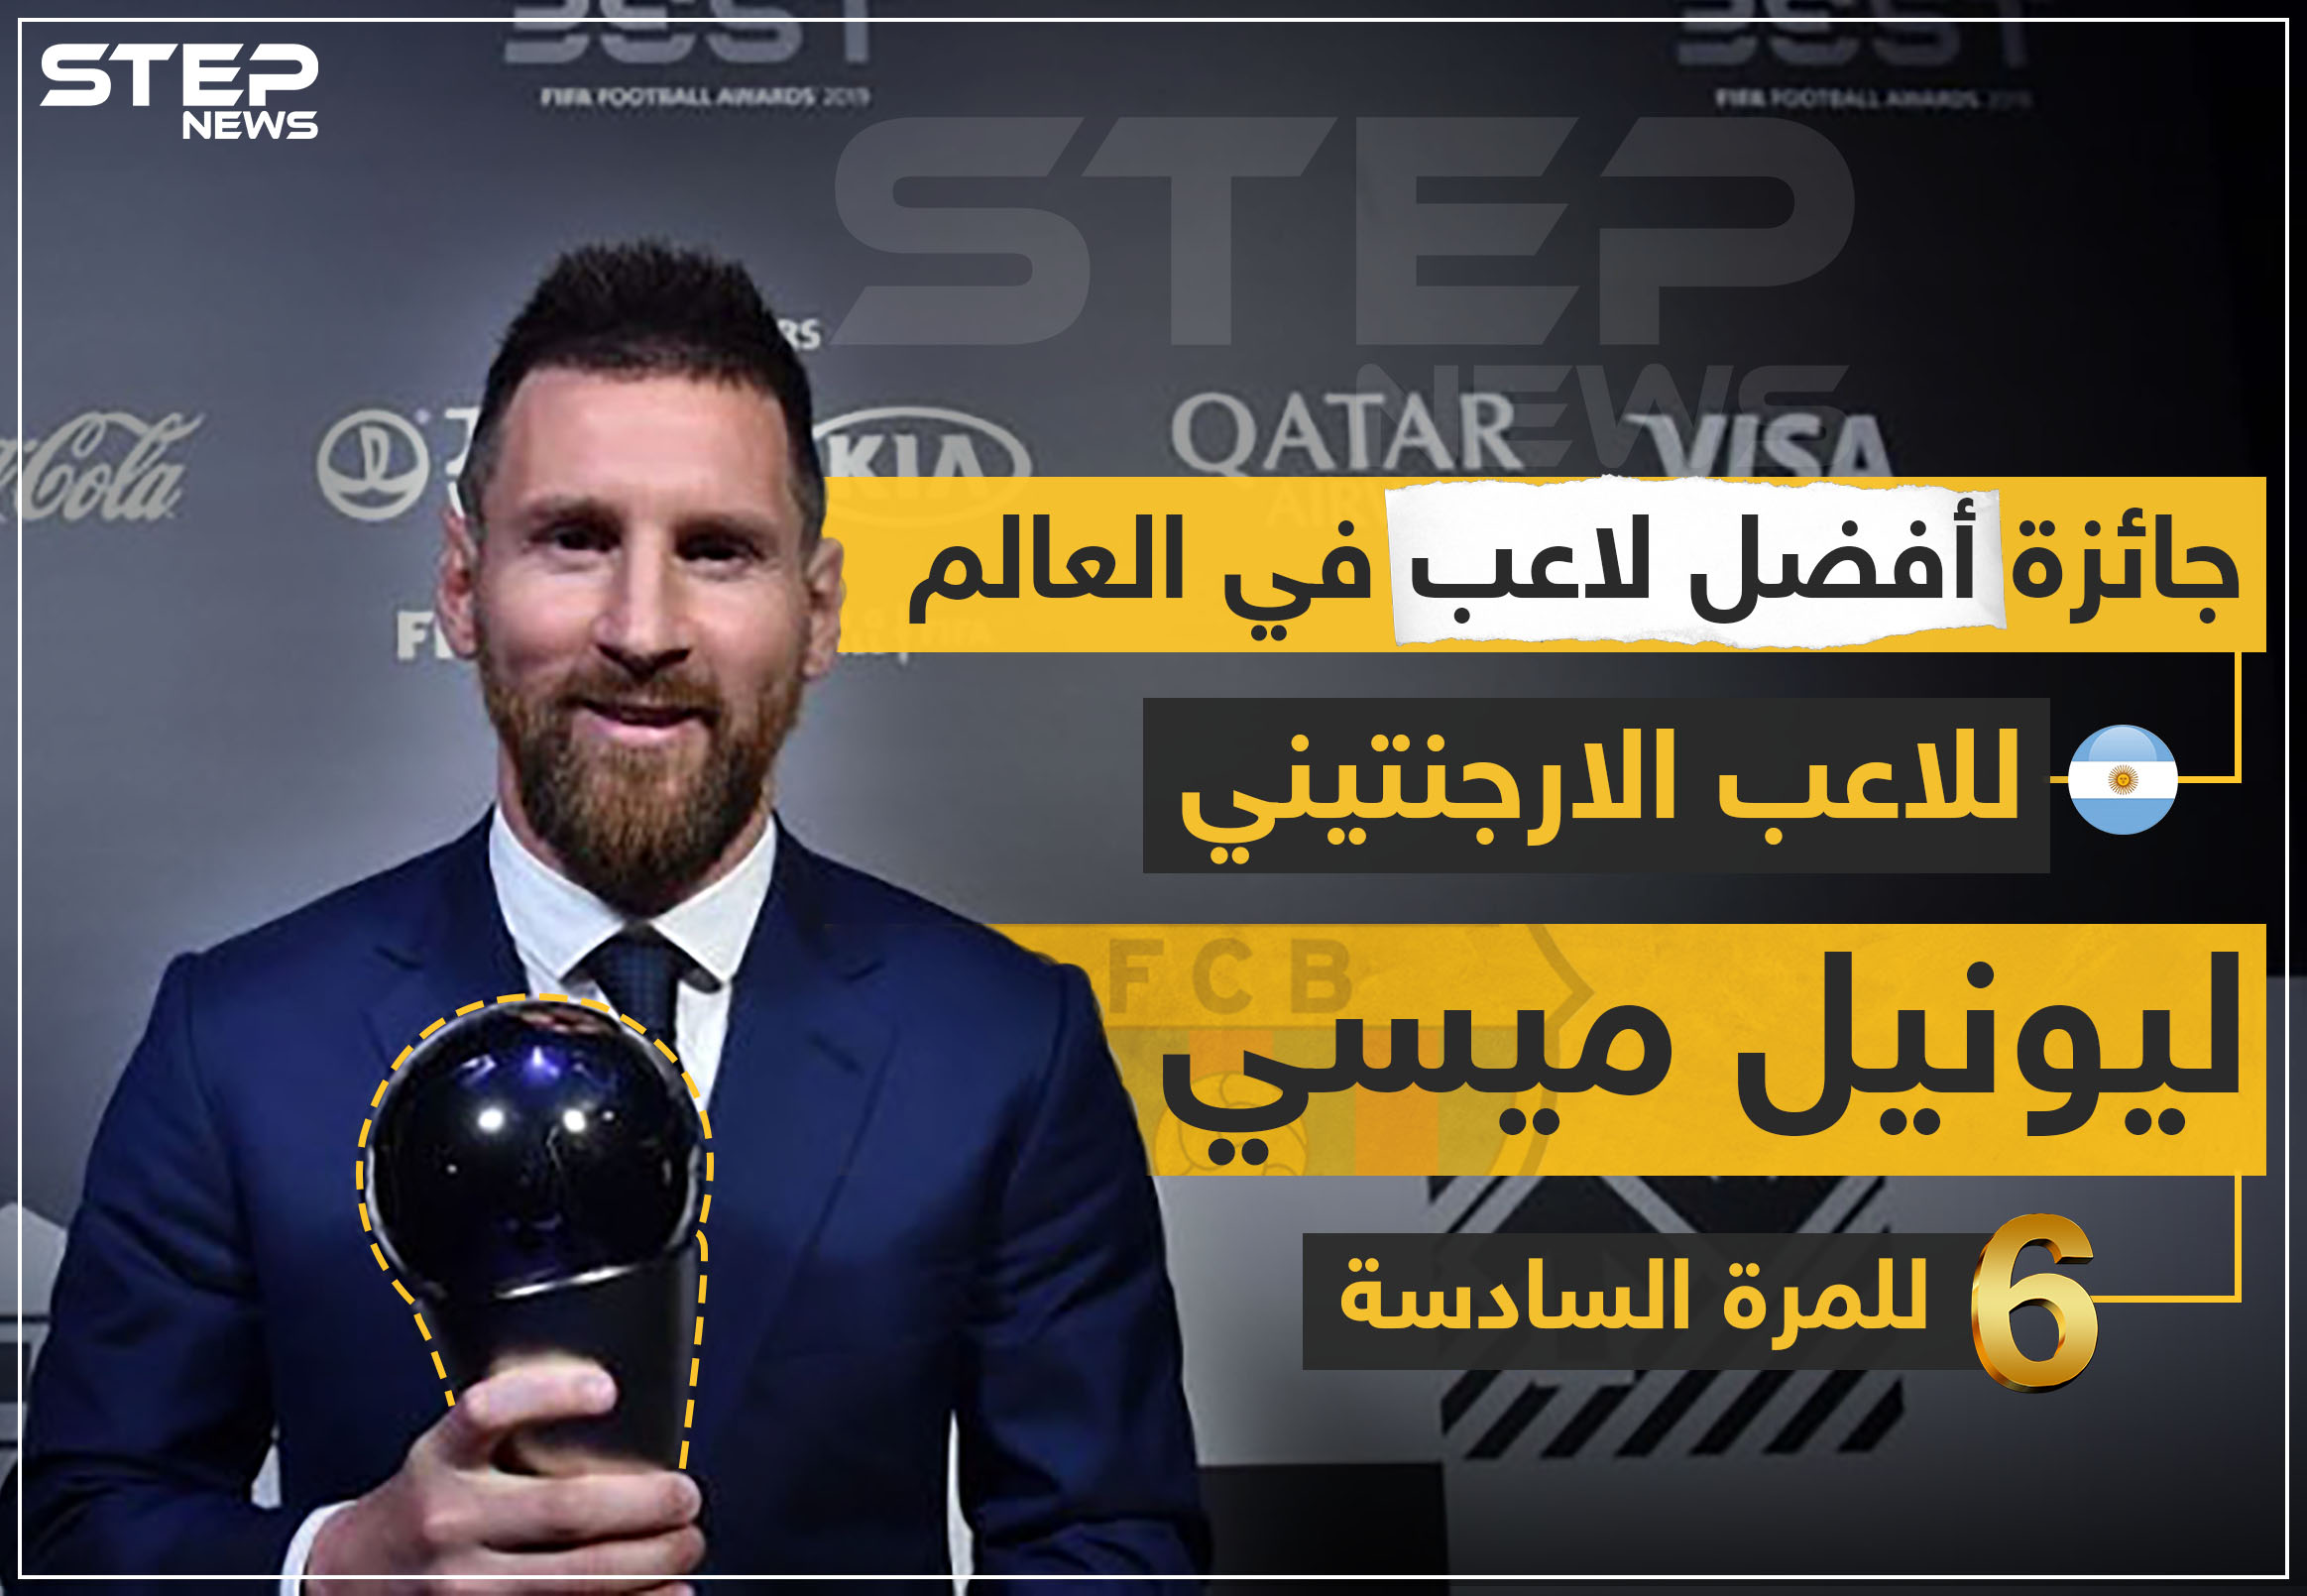 """جائزة أضل لاعب في العالم للاعب الأرجنتيني """"ليونيل ميسي"""" للمرة السادسة ."""